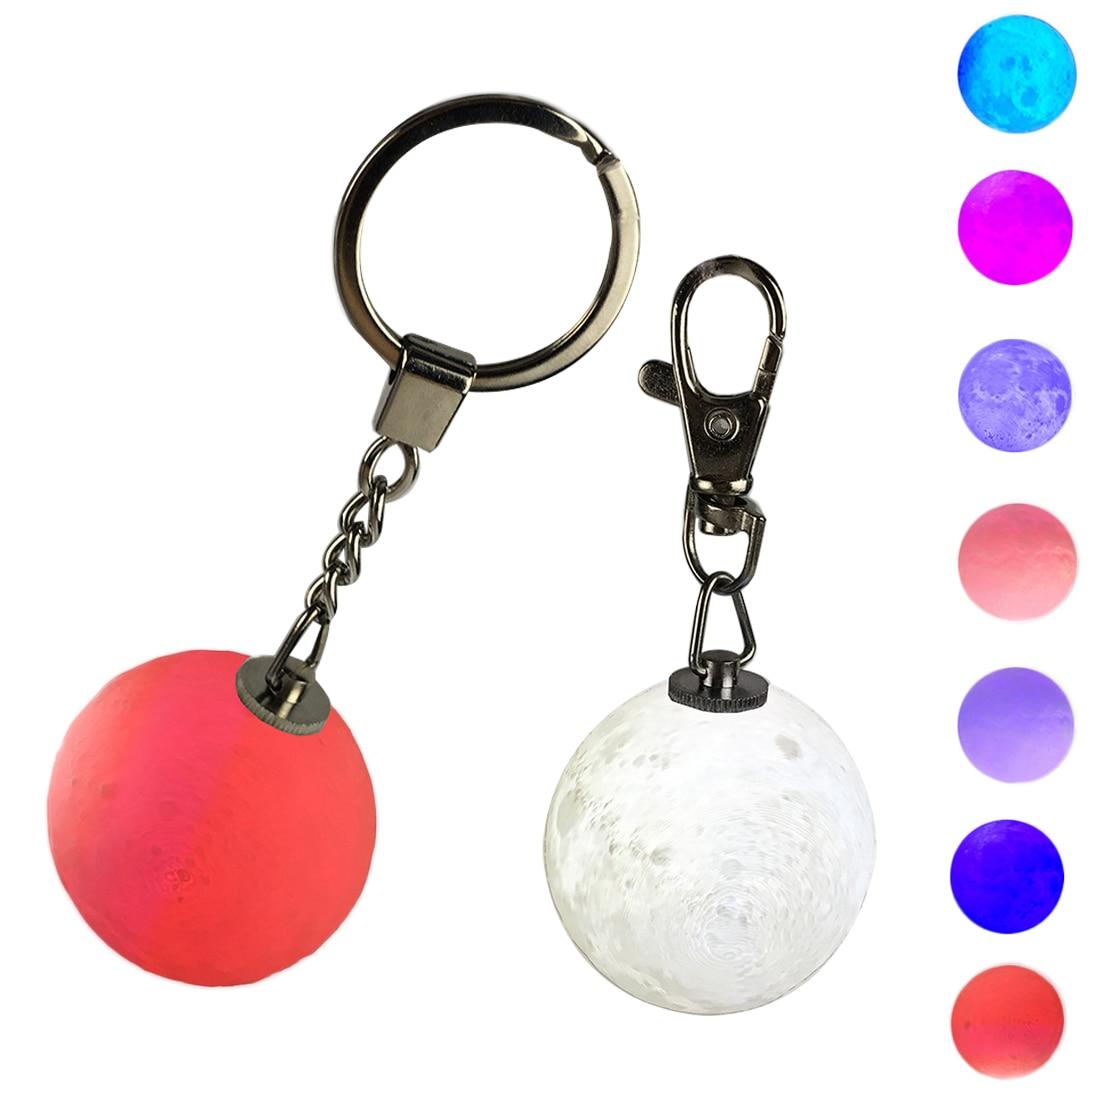 1 Stücke 3d Print Mond Lampe Keychain Colorfuls Ändern Fußball Led Licht Glow Bewegliche Hängende Nacht Licht Schlafzimmer Decor Einfach Zu Schmieren